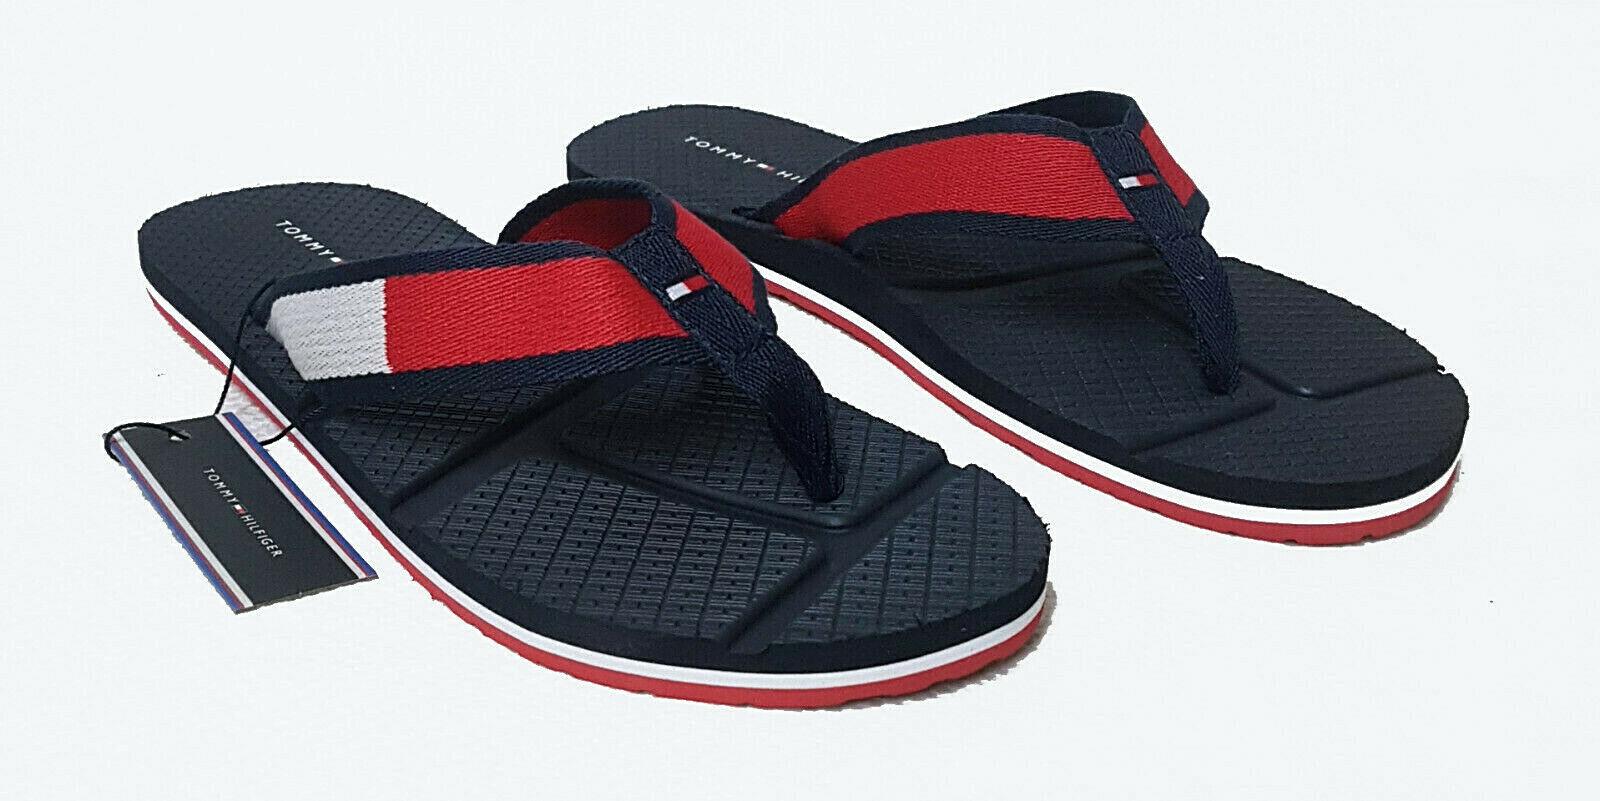 Neue Tommy Hilfiger Herren Freizeit Beach Sandalen Bade Schuhe Sandal Men 1368